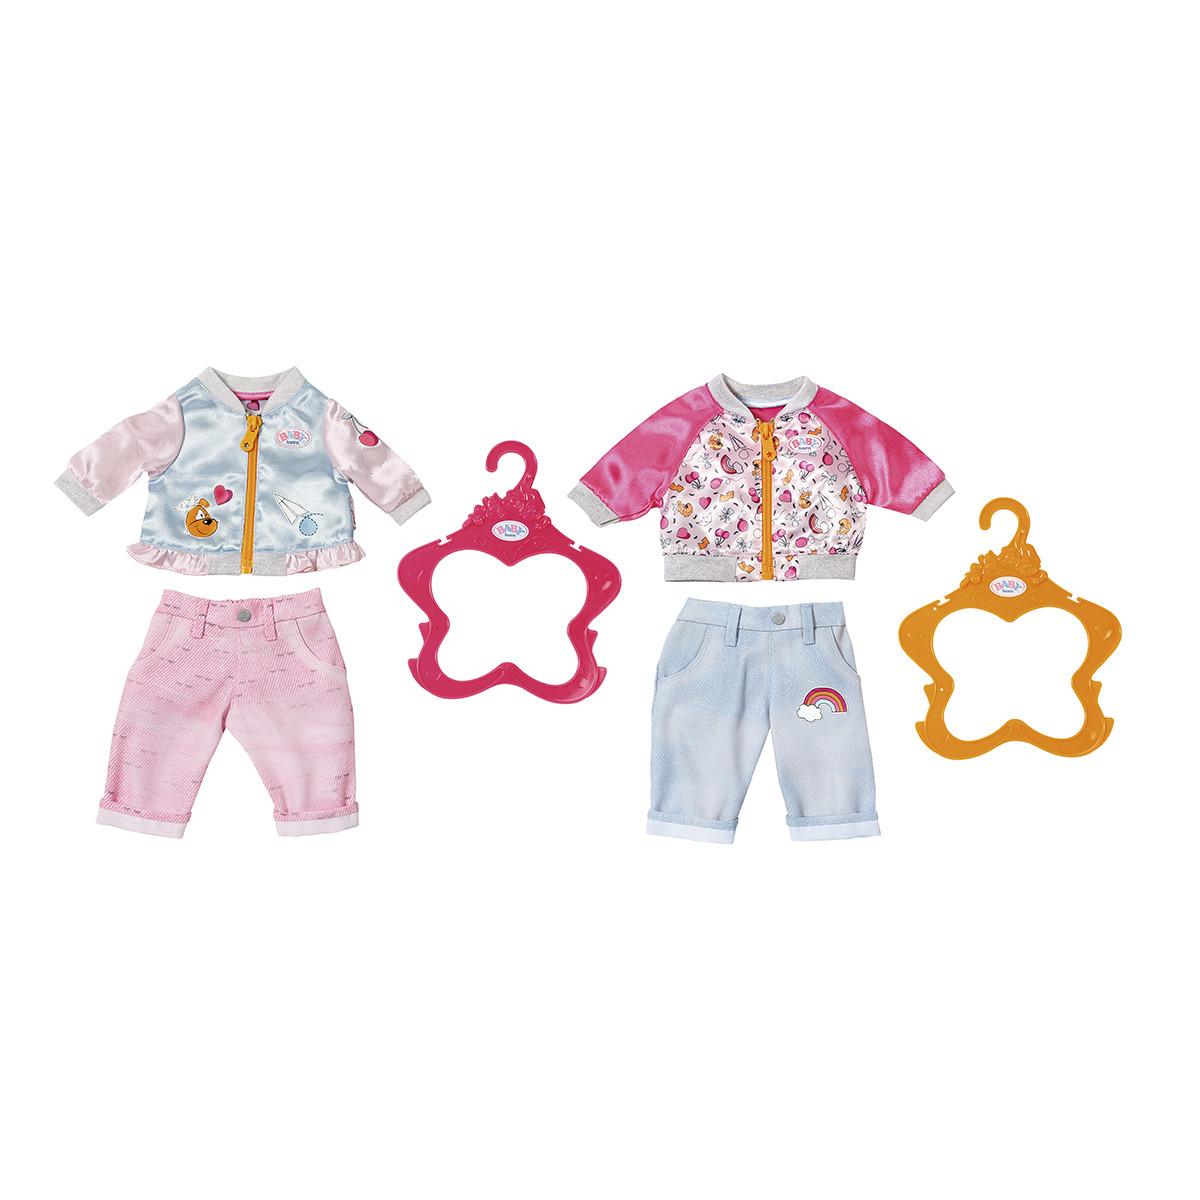 Набор одежды Спортивные кэжуал для куклы Baby Born, 824542